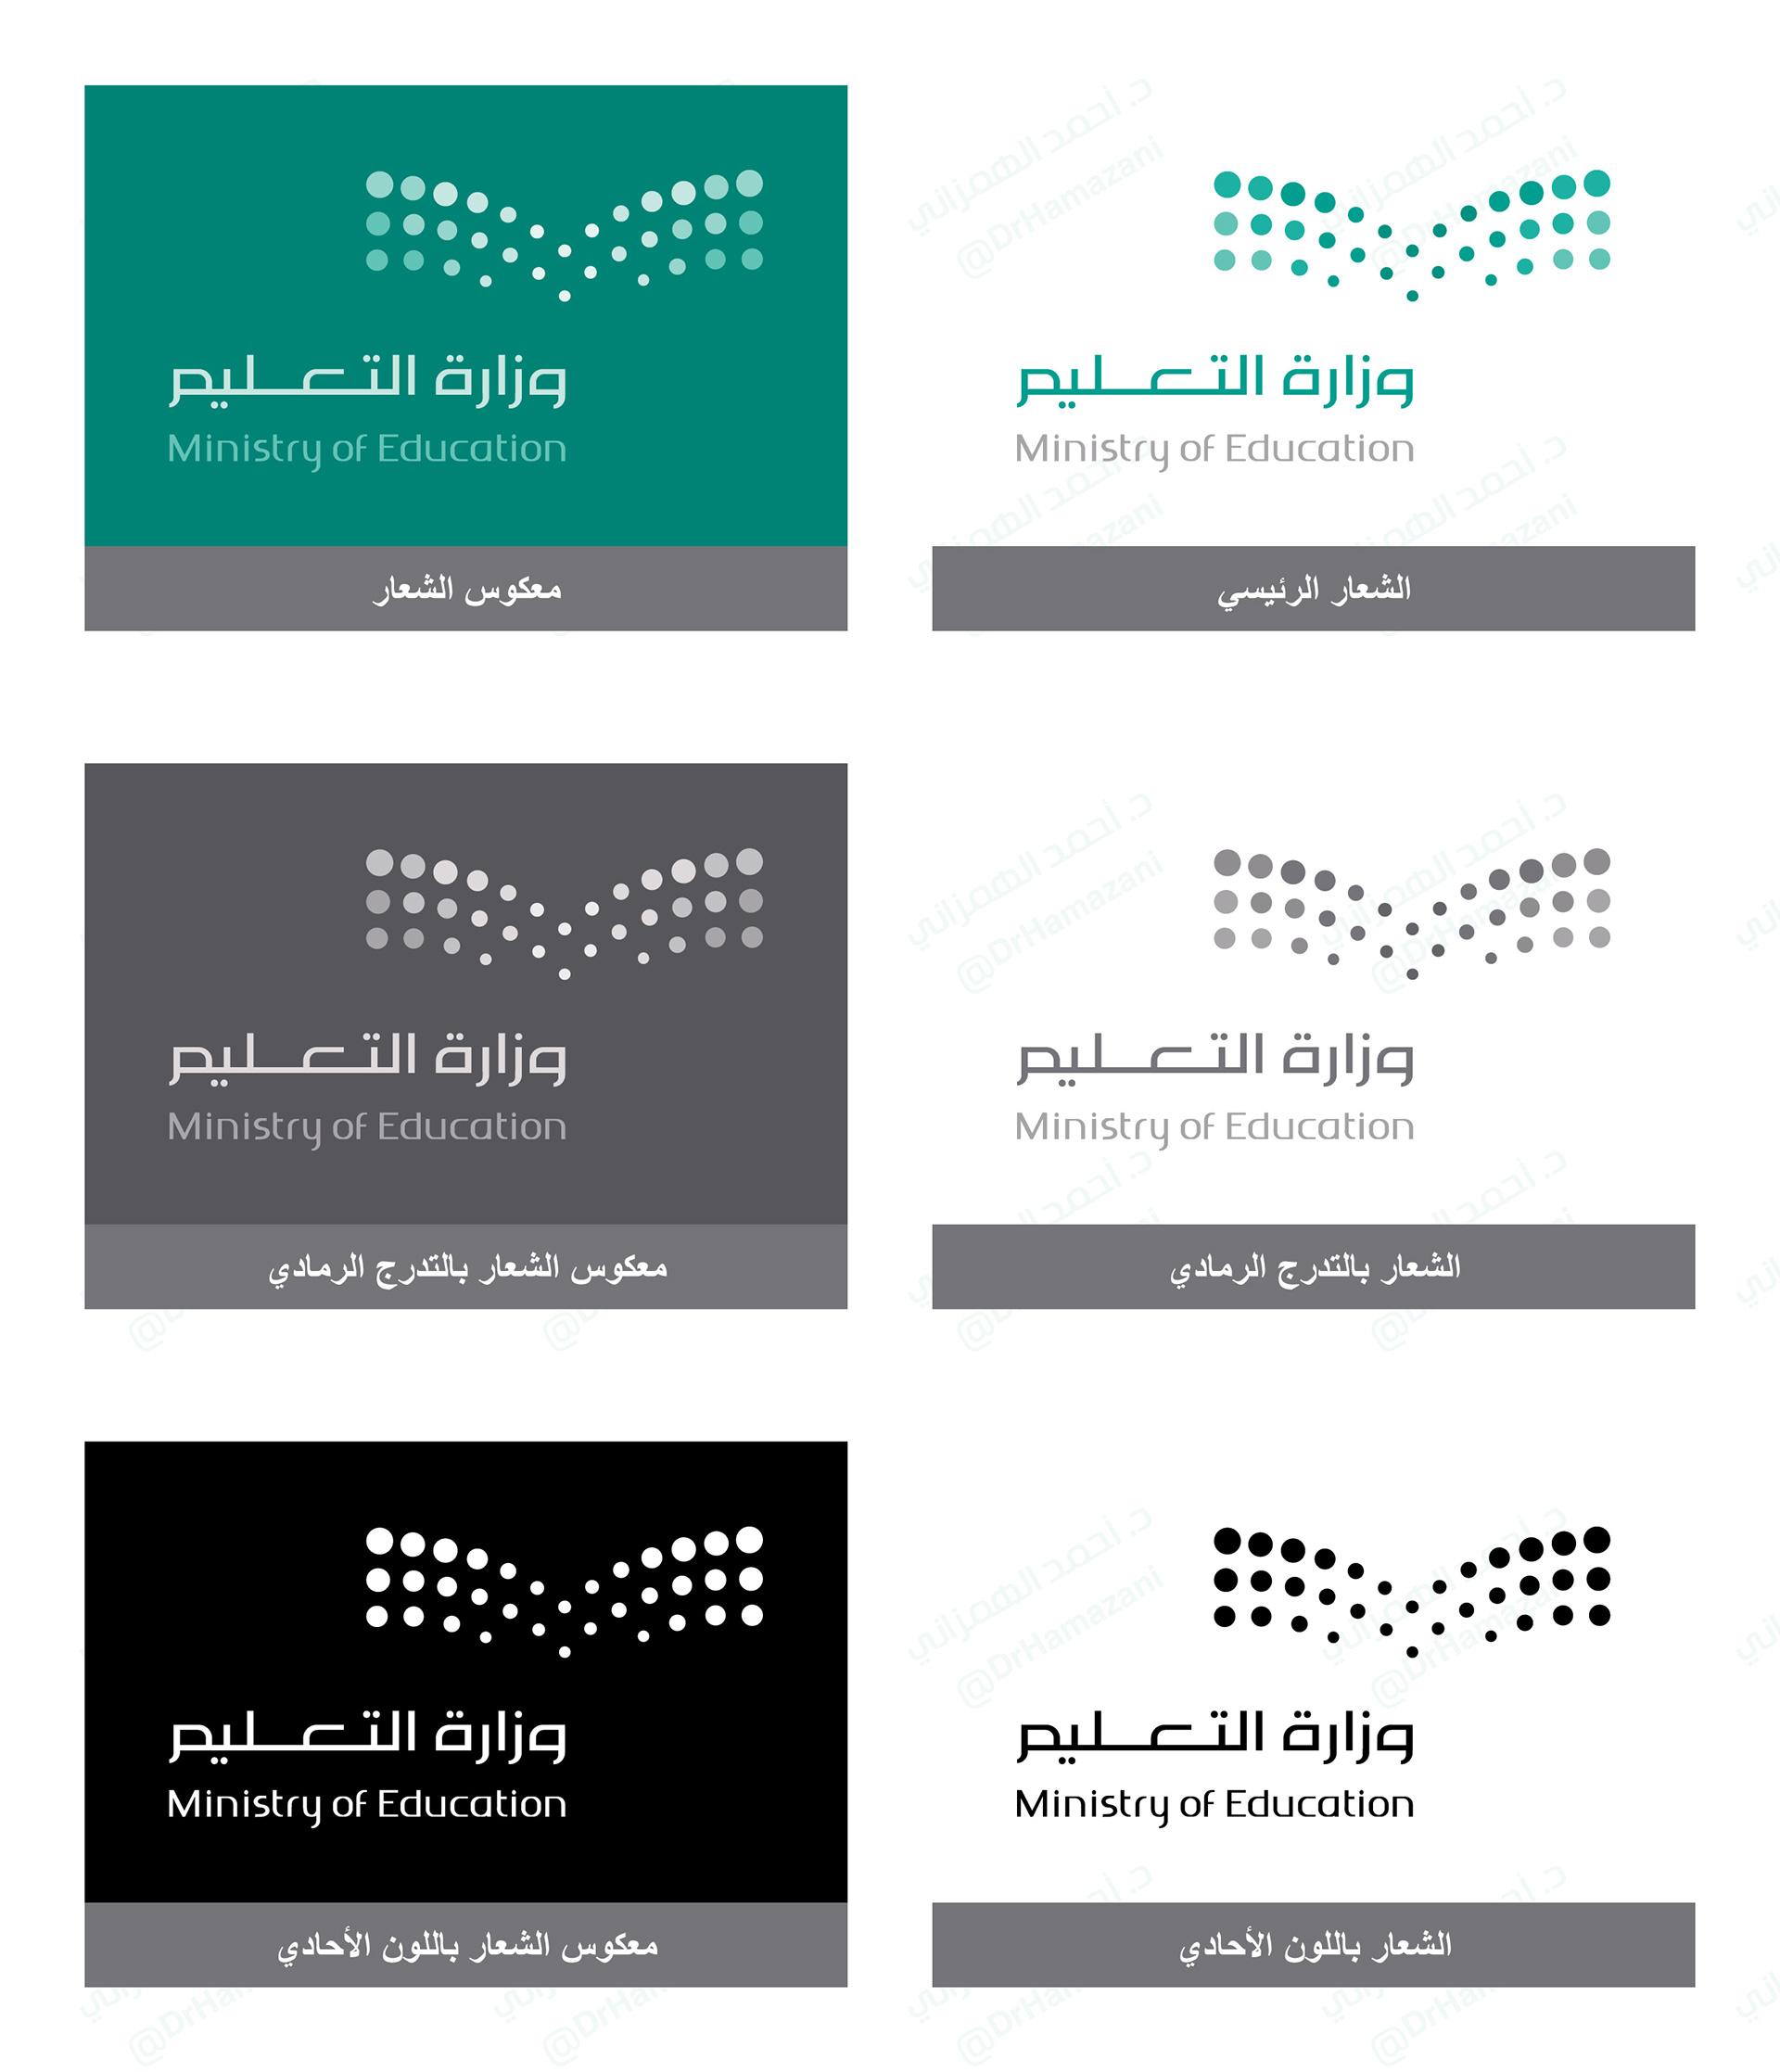 صور شعار وزارة التعليم الجديد وورد جديدة